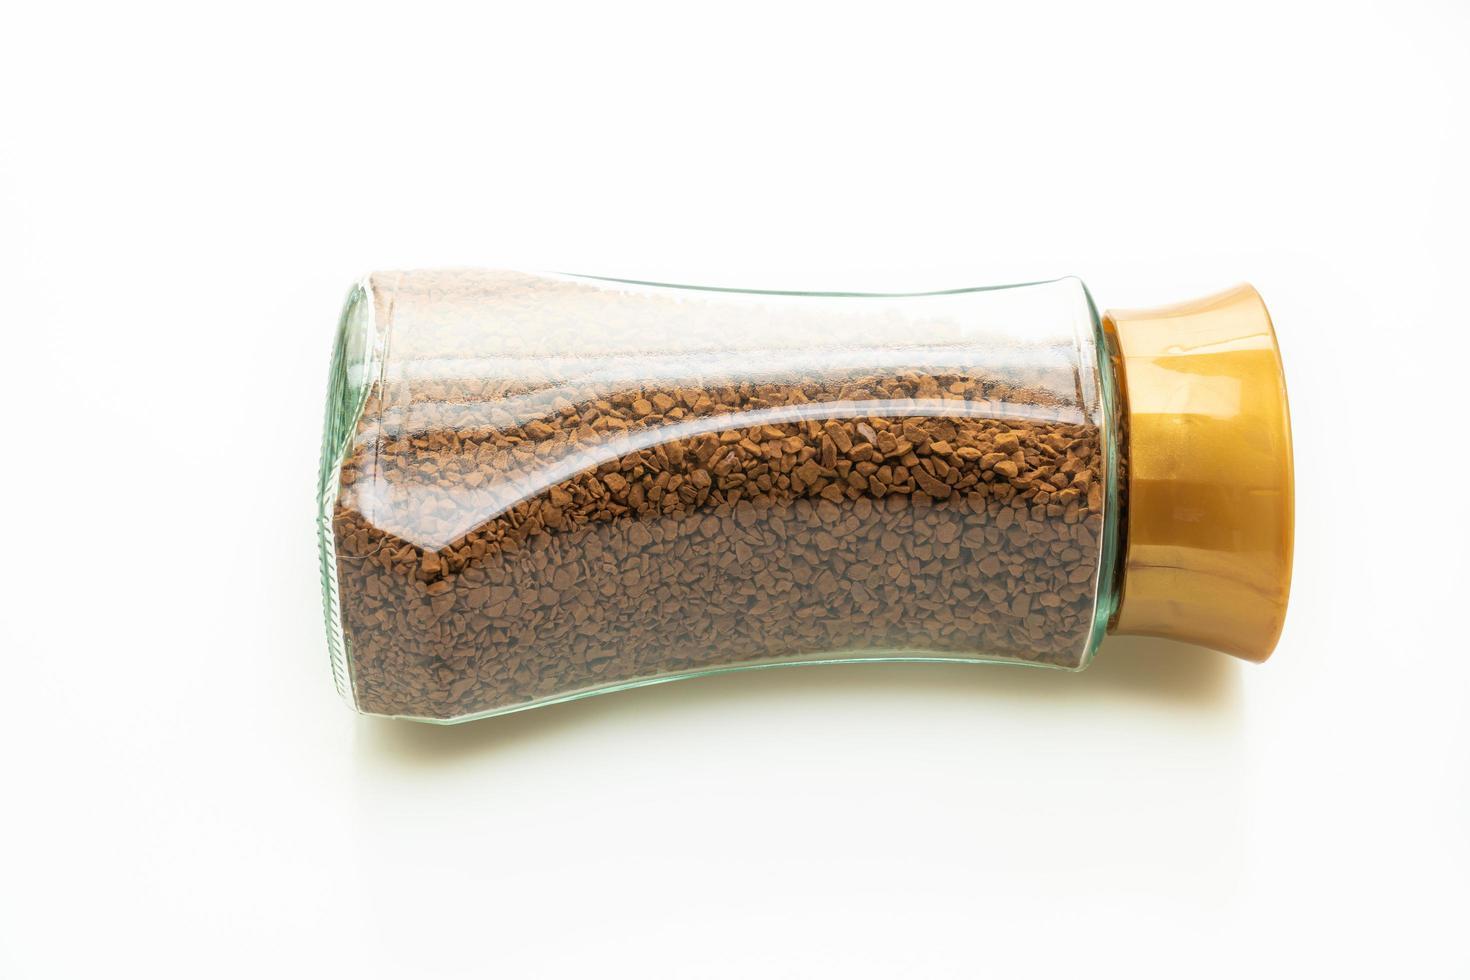 snabbkaffe i glasflaska foto